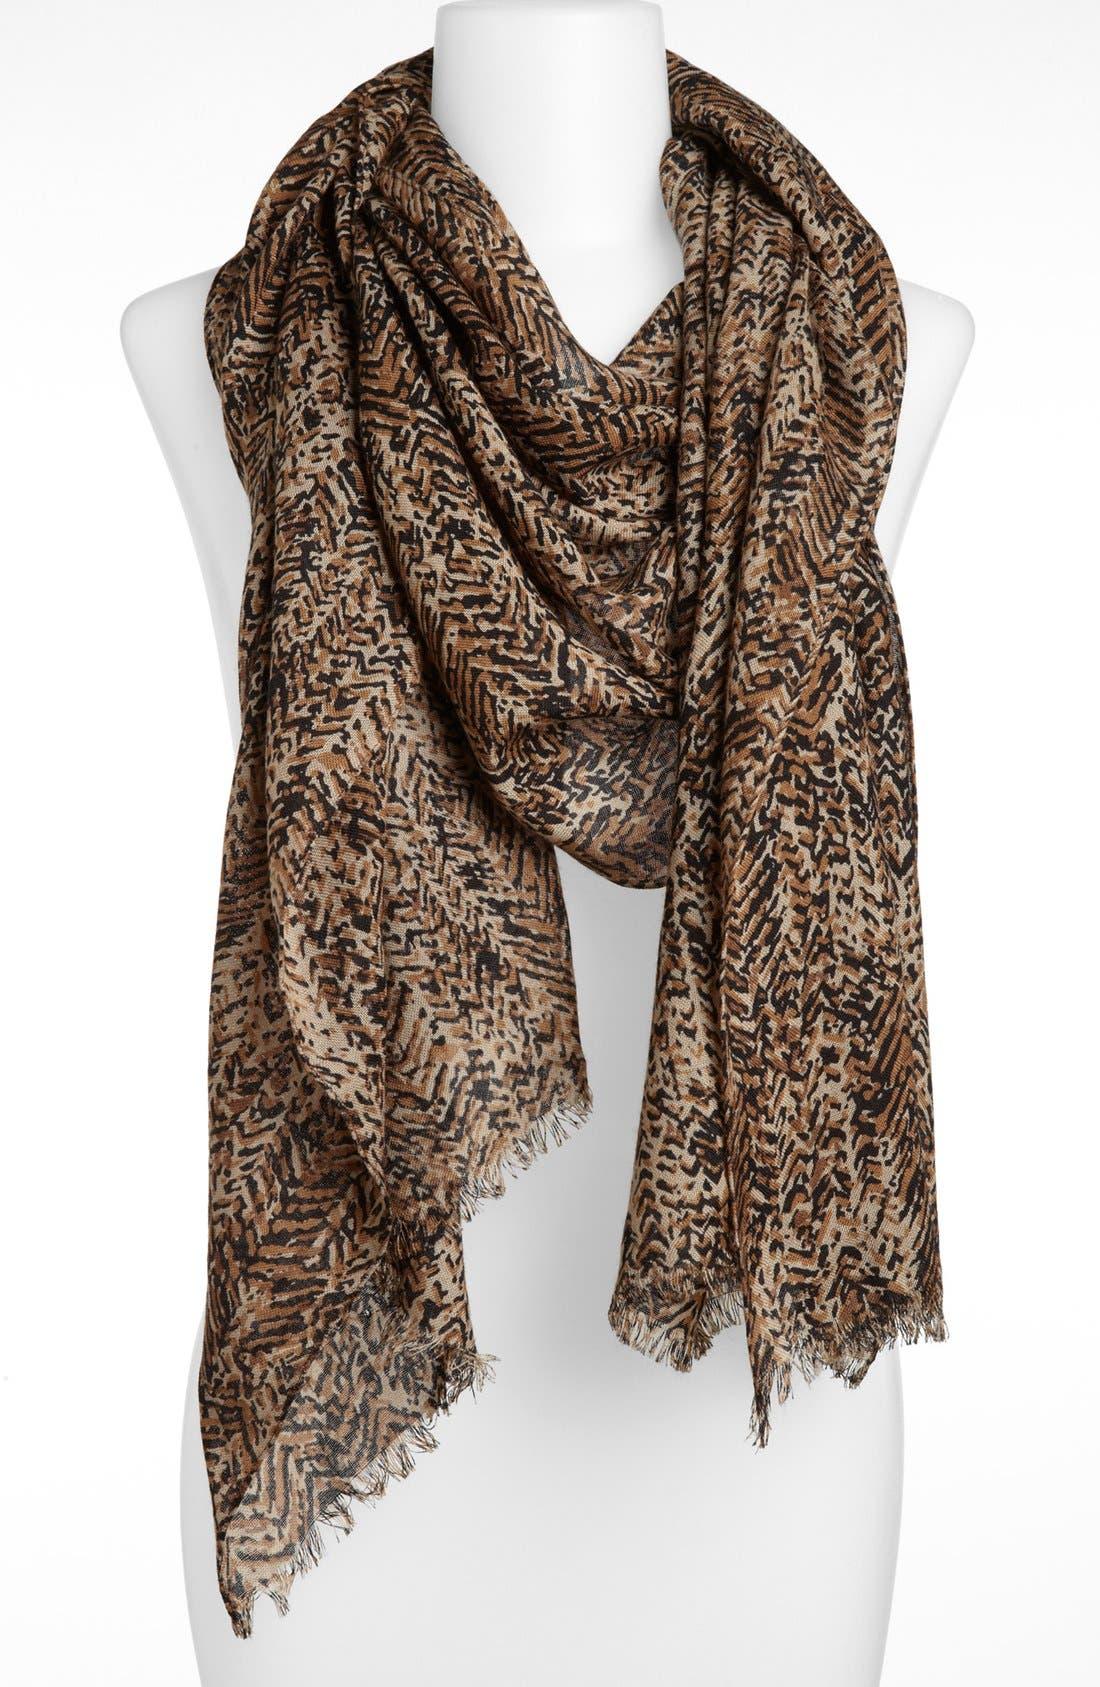 Alternate Image 1 Selected - MICHAEL Michael Kors Herringbone Print Wool Scarf (Online Only)